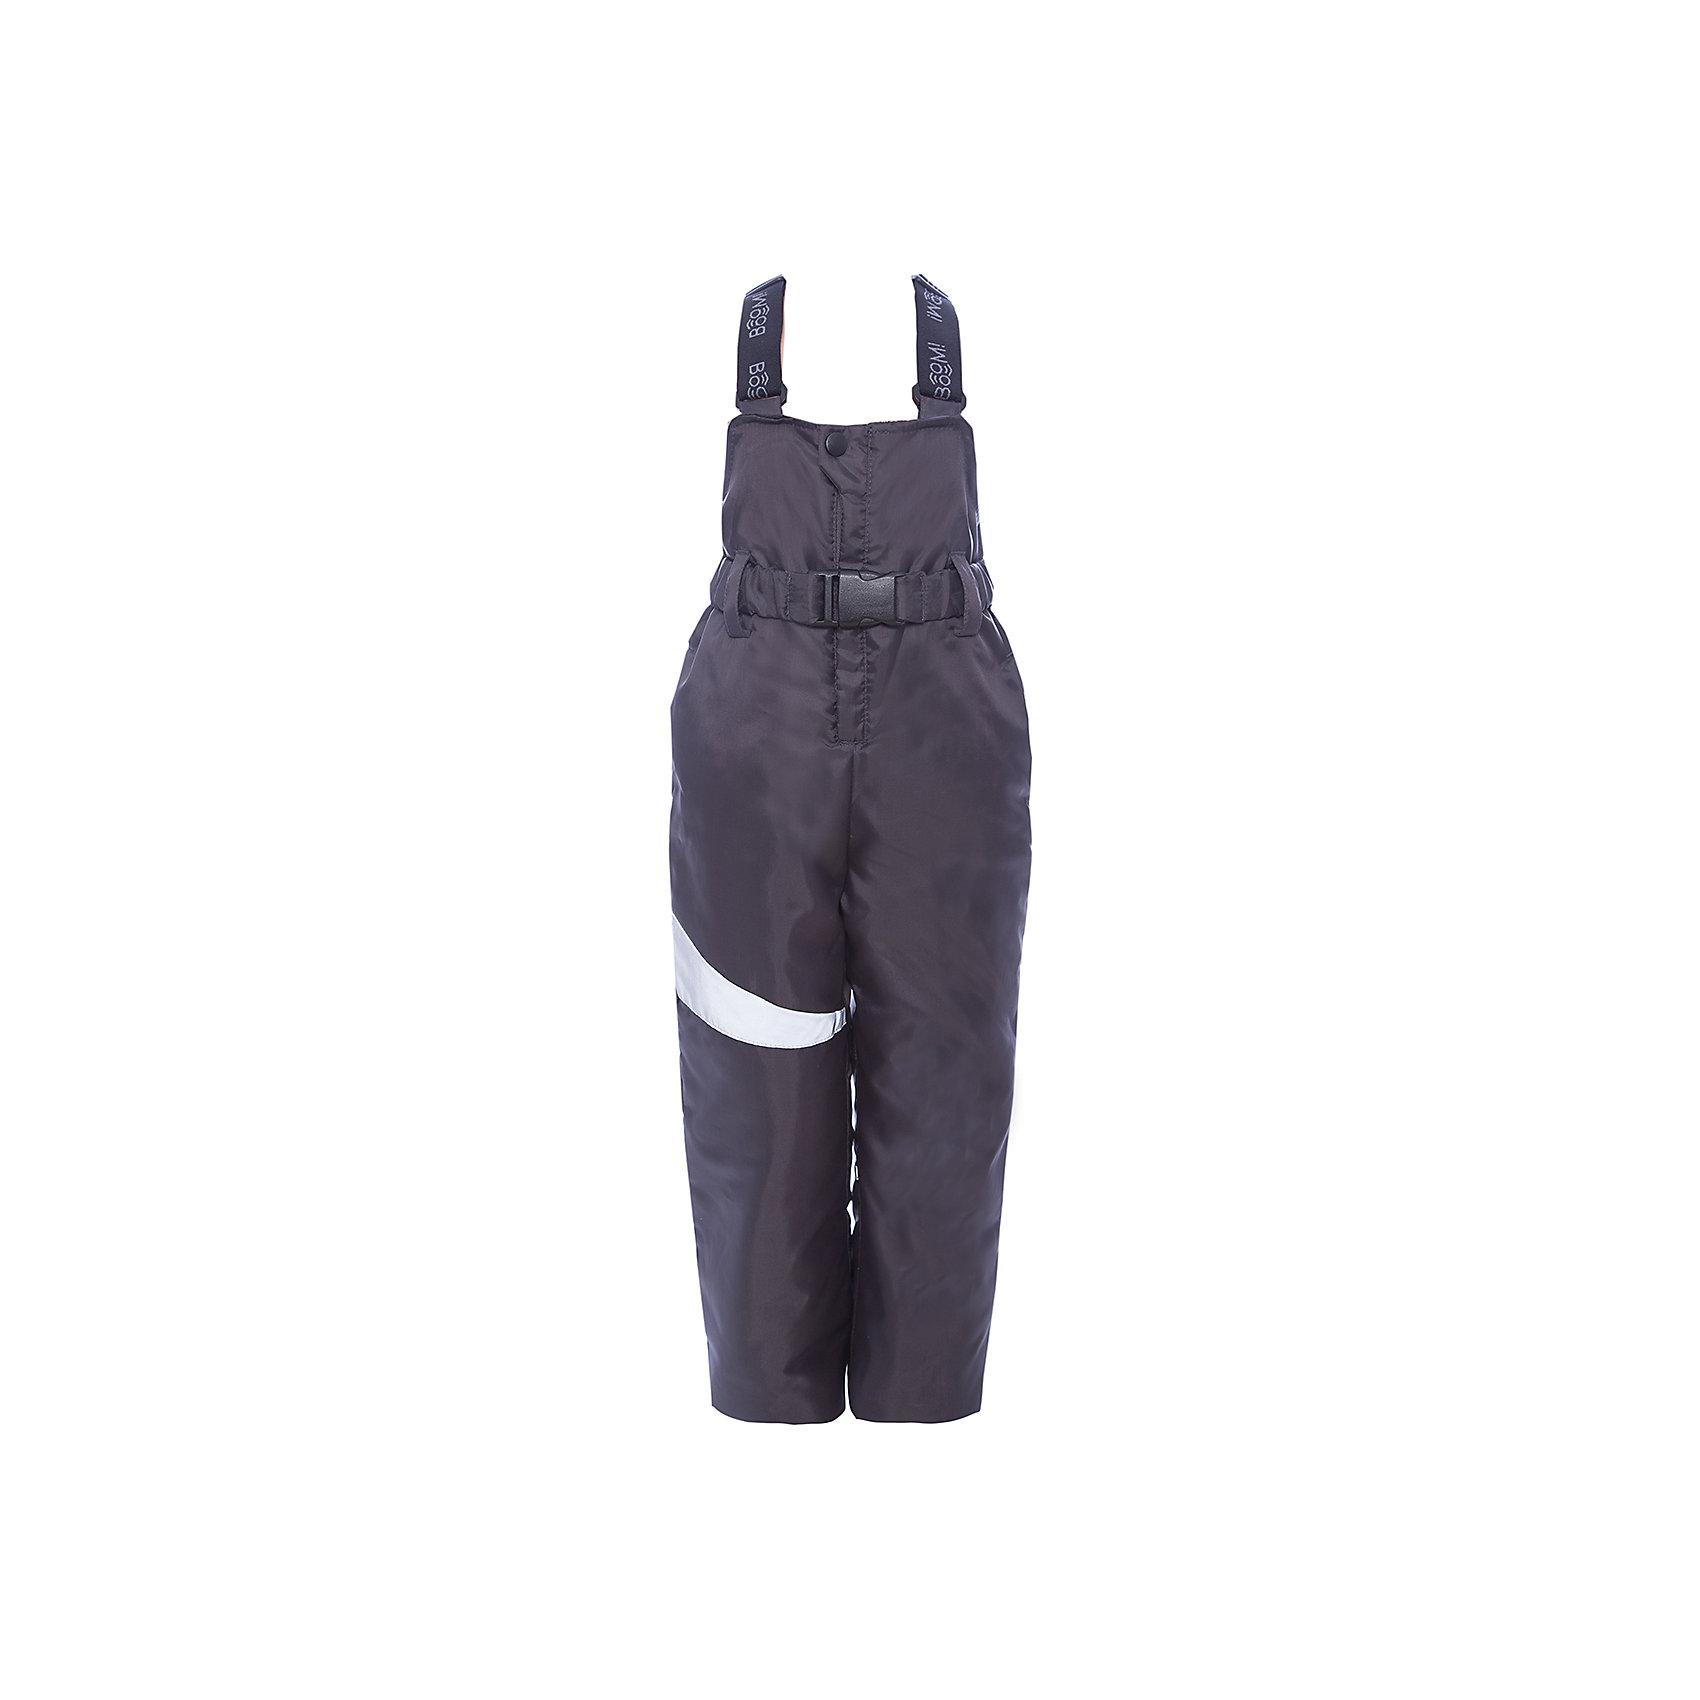 Полукомбинезон BOOM by Orby для мальчикаВерхняя одежда<br>Характеристики товара:<br><br>• цвет: серый<br>• состав ткани: оксфорд pu milky<br>• подкладка: полиэстер пуходержащий<br>• утеплитель: эко синтепон<br>• сезон: зима<br>• температурный режим: от 0 до -30С<br>• плотность утеплителя: 400 г/м2<br>• застежка: молния<br>• страна бренда: Россия<br>• страна изготовитель: Россия<br><br>Такой зимний полукомбинезон для ребенка поможет обеспечить необходимый уровень комфорта в морозы. Плотная ткань и утеплитель зимнего полукомбинезона защитят ребенка от холодного воздуха. Теплый полукомбинезон стильно смотрится и комфортно сидит. Детский полукомбинезон имеет удобную застежку. <br><br>Полукомбинезон для мальчика BOOM by Orby (Бум бай Орби) можно купить в нашем интернет-магазине.<br><br>Ширина мм: 215<br>Глубина мм: 88<br>Высота мм: 191<br>Вес г: 336<br>Цвет: серый<br>Возраст от месяцев: 12<br>Возраст до месяцев: 15<br>Пол: Мужской<br>Возраст: Детский<br>Размер: 80,158,86,92,98,104,110,116,122,128,134,140,146,152<br>SKU: 7090924